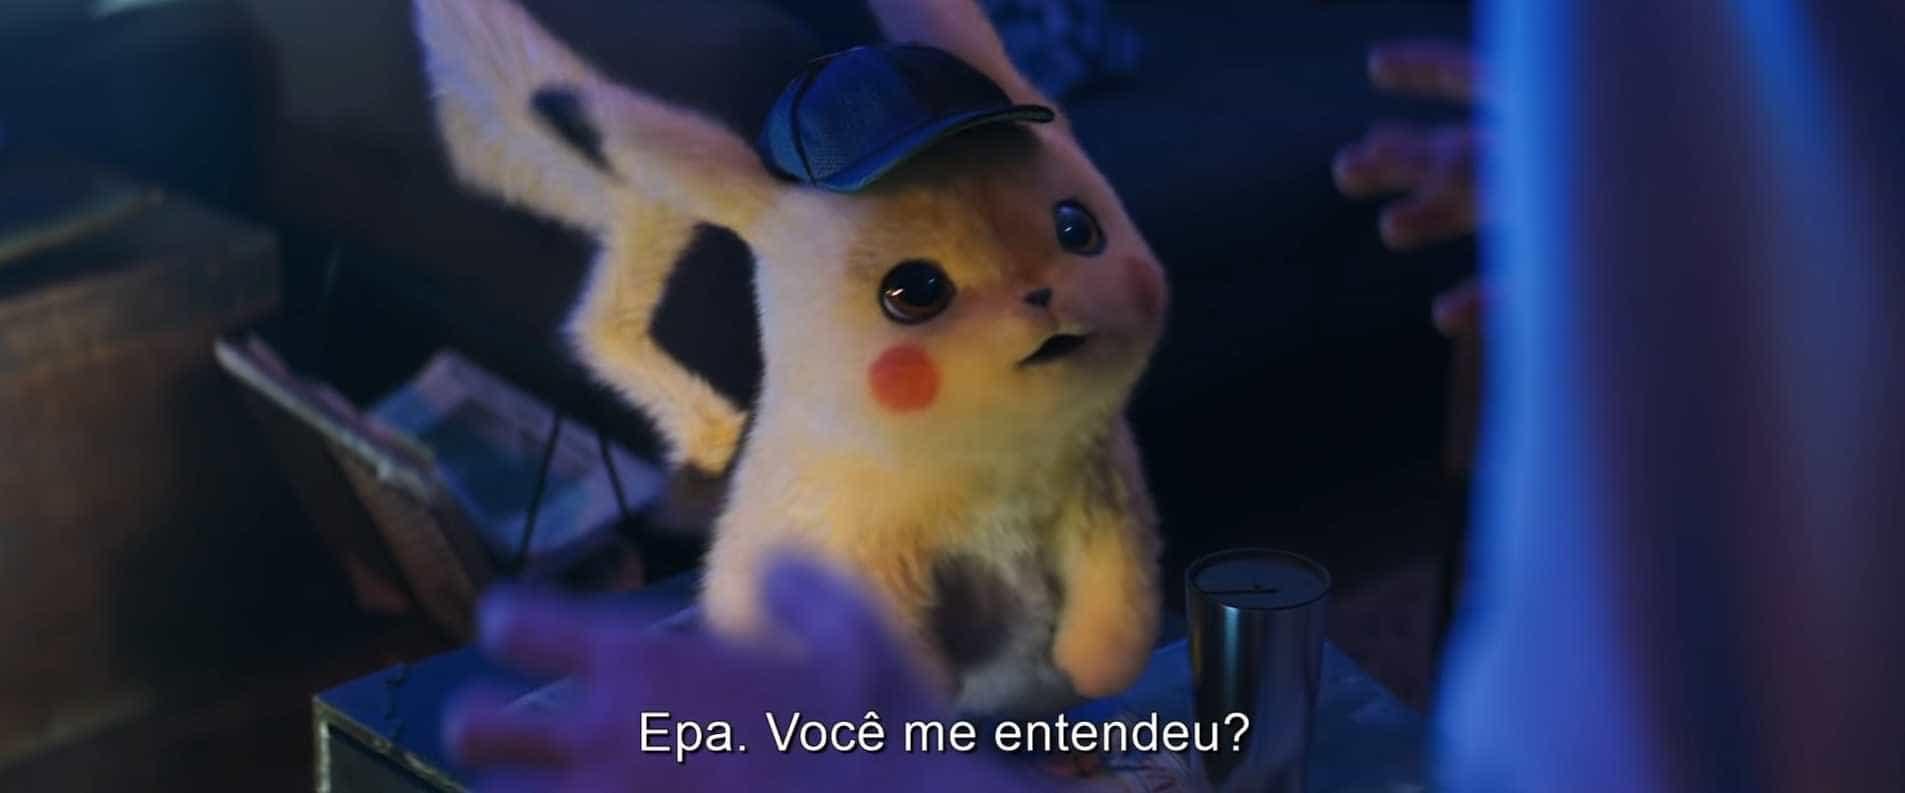 Ryan Reynolds dá voz a Pikachu em live-action de Pokémon; trailer